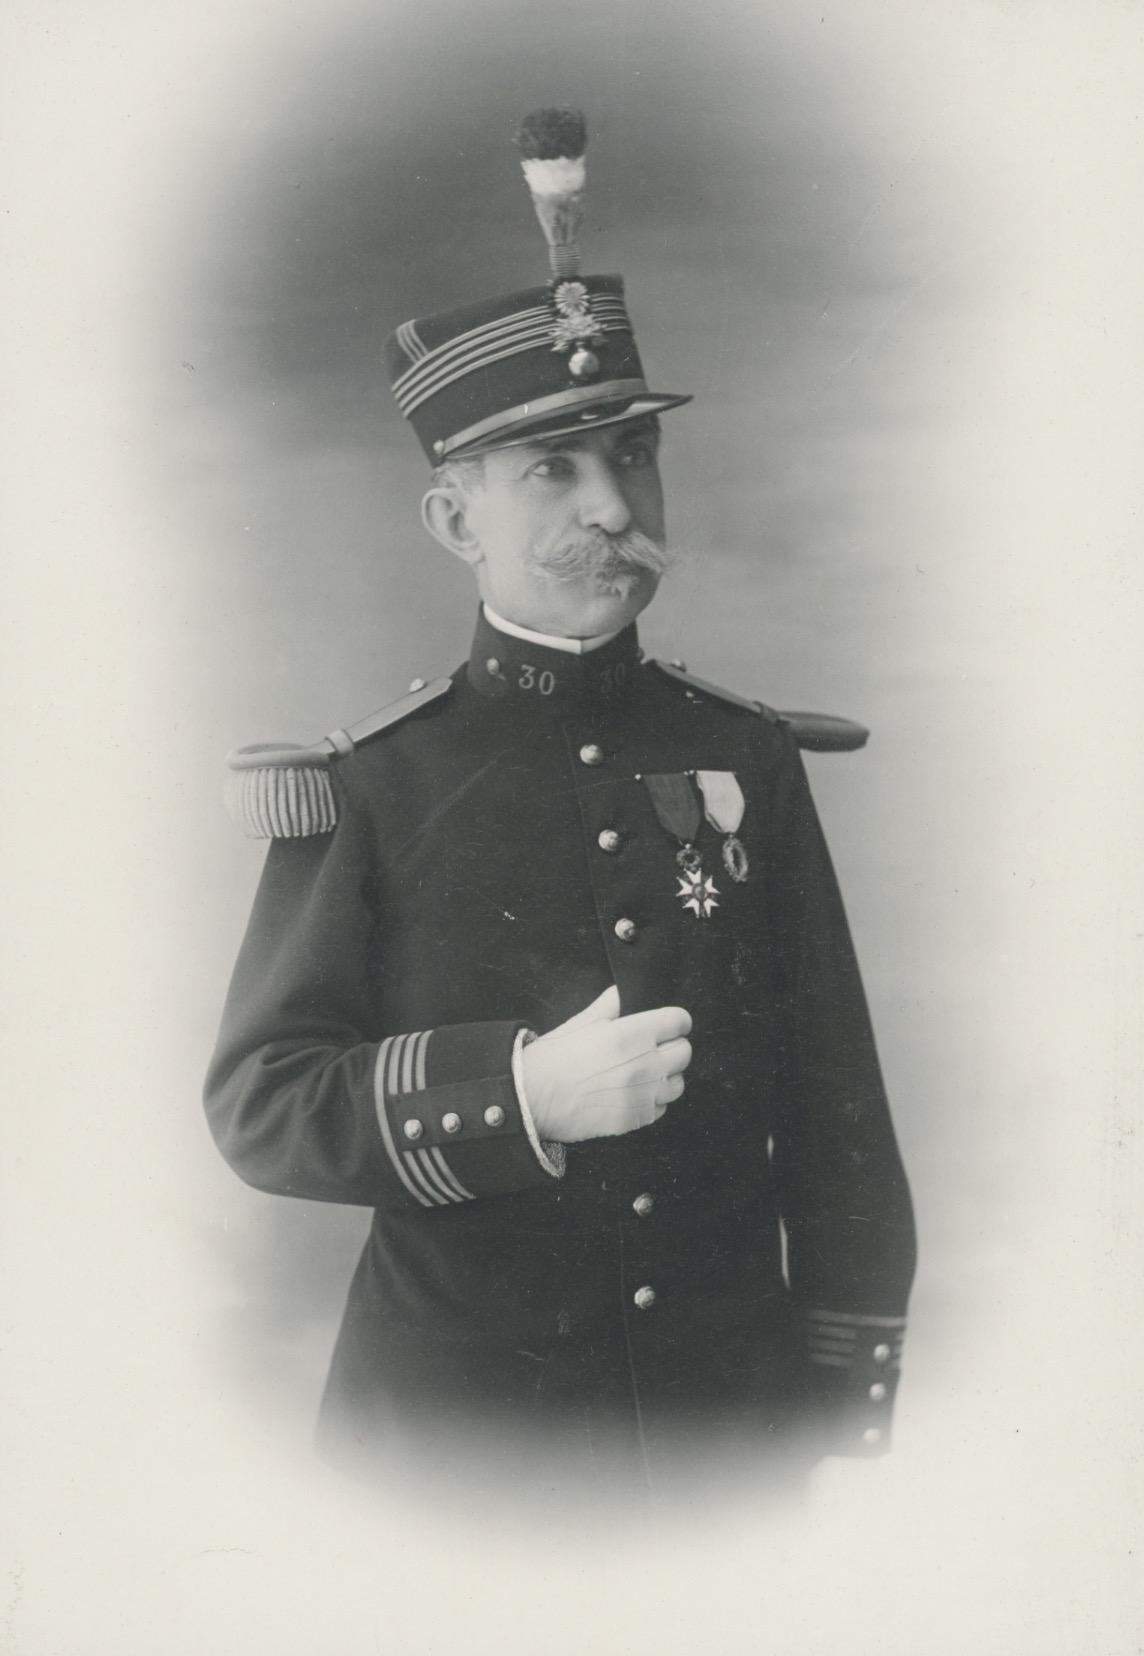 Grande CDV - Officier Colonel - Soldat - Français - Artillerie / Génie - Uniforme - Guerre 14/18 - Croix de la légion d'honneur - Décoration - Paris 1920 / 1921